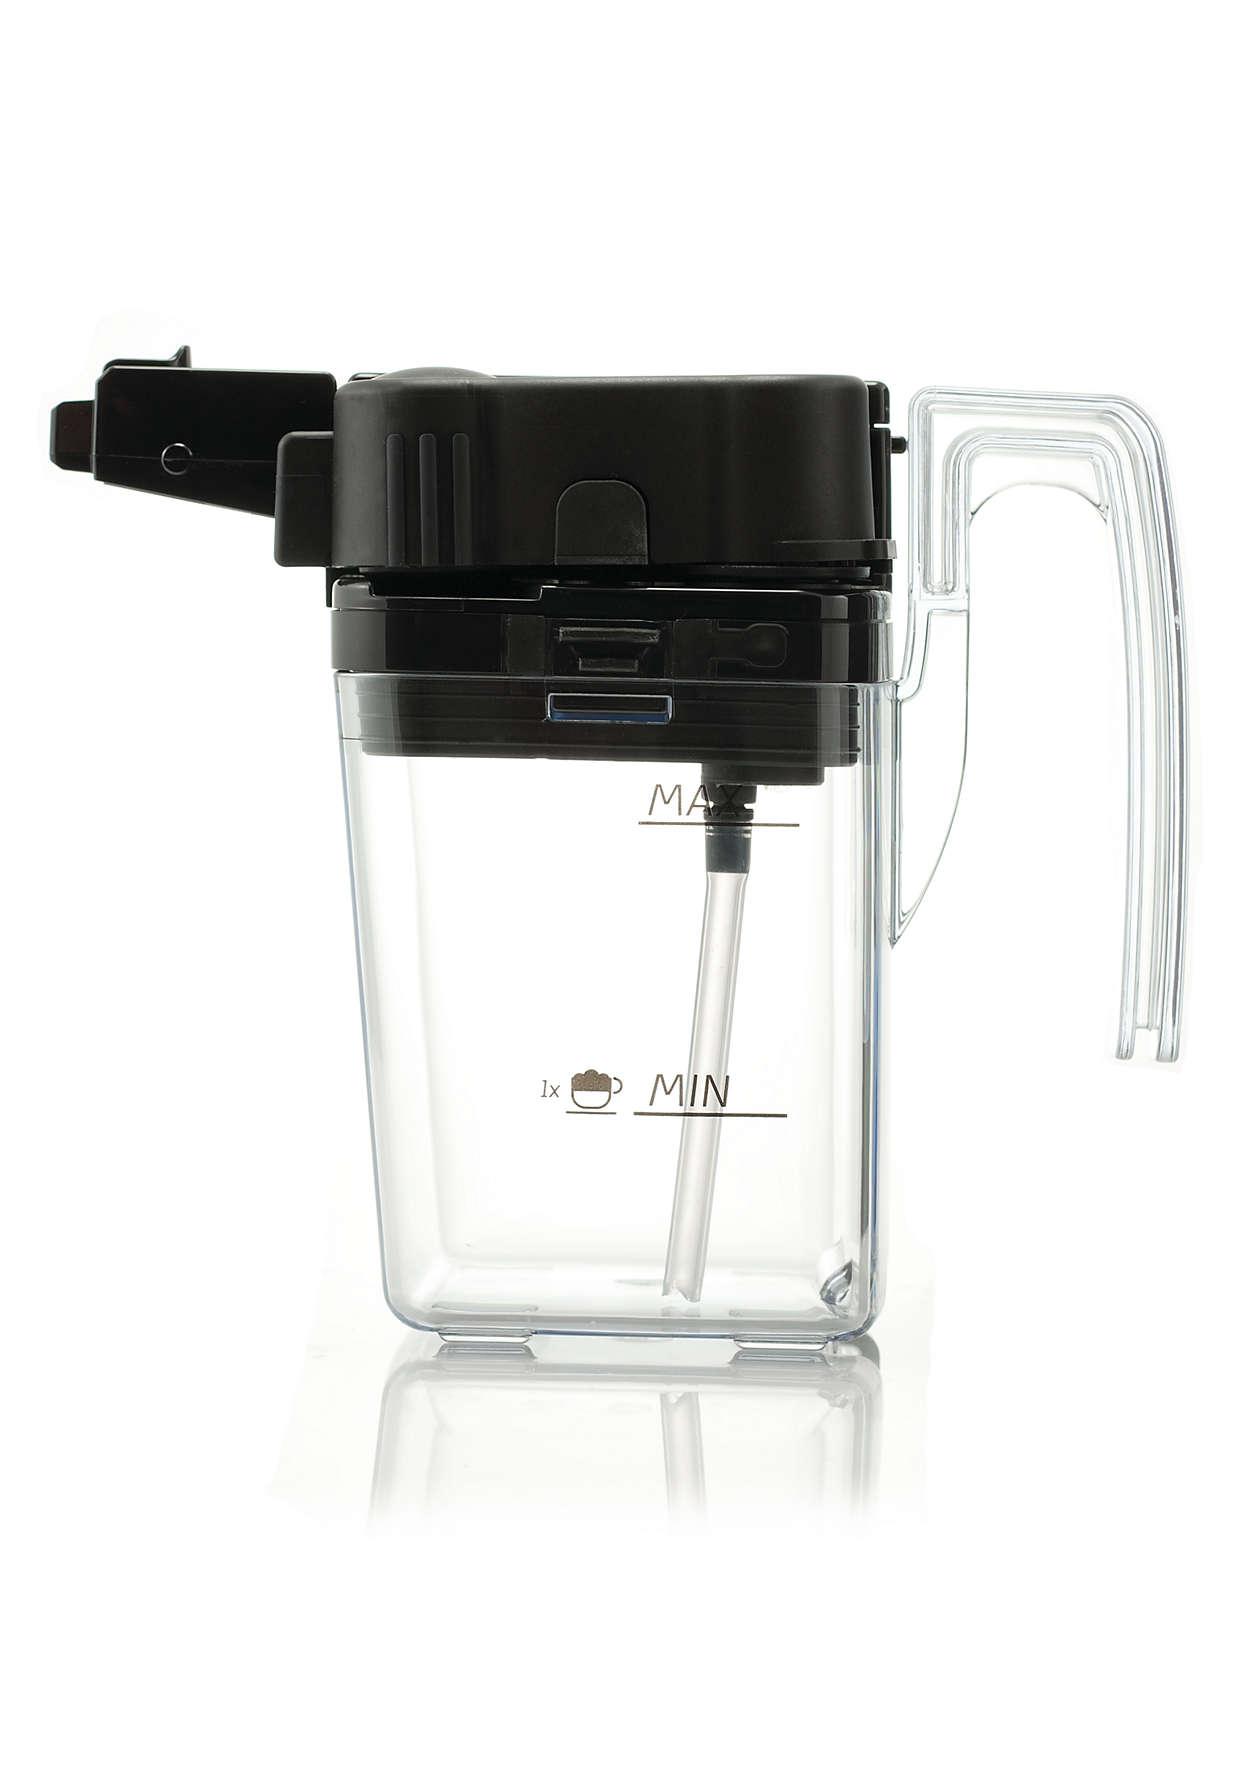 Melkreservoir in uw koffiezetapparaat